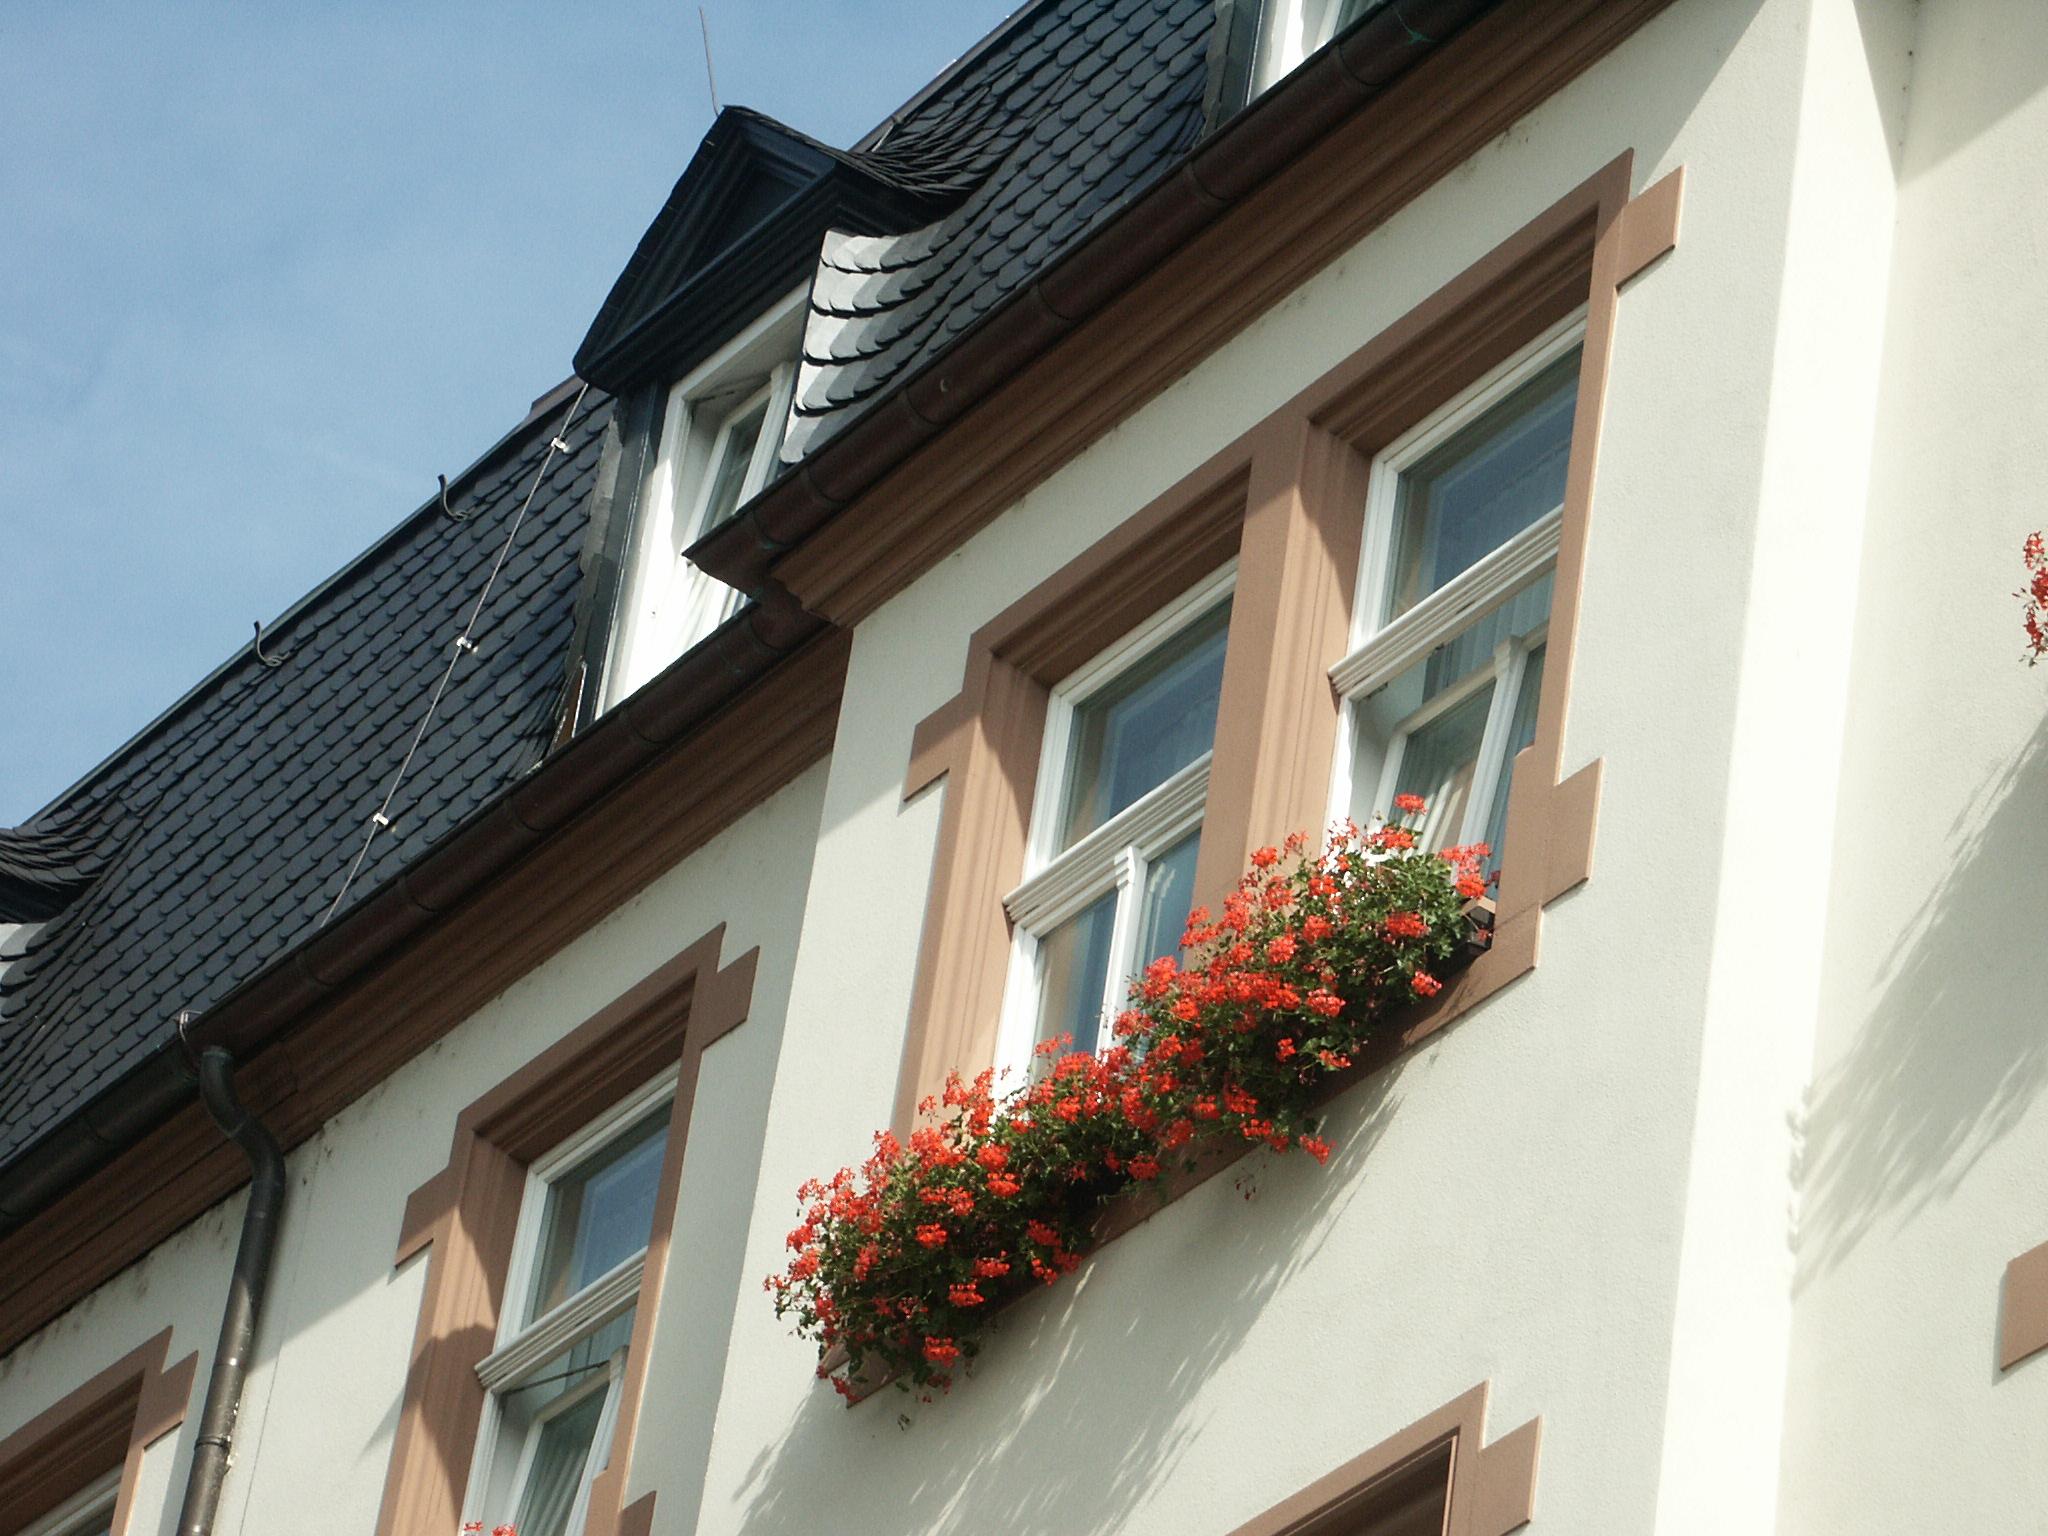 Gesimsprofil - Haus in NRW